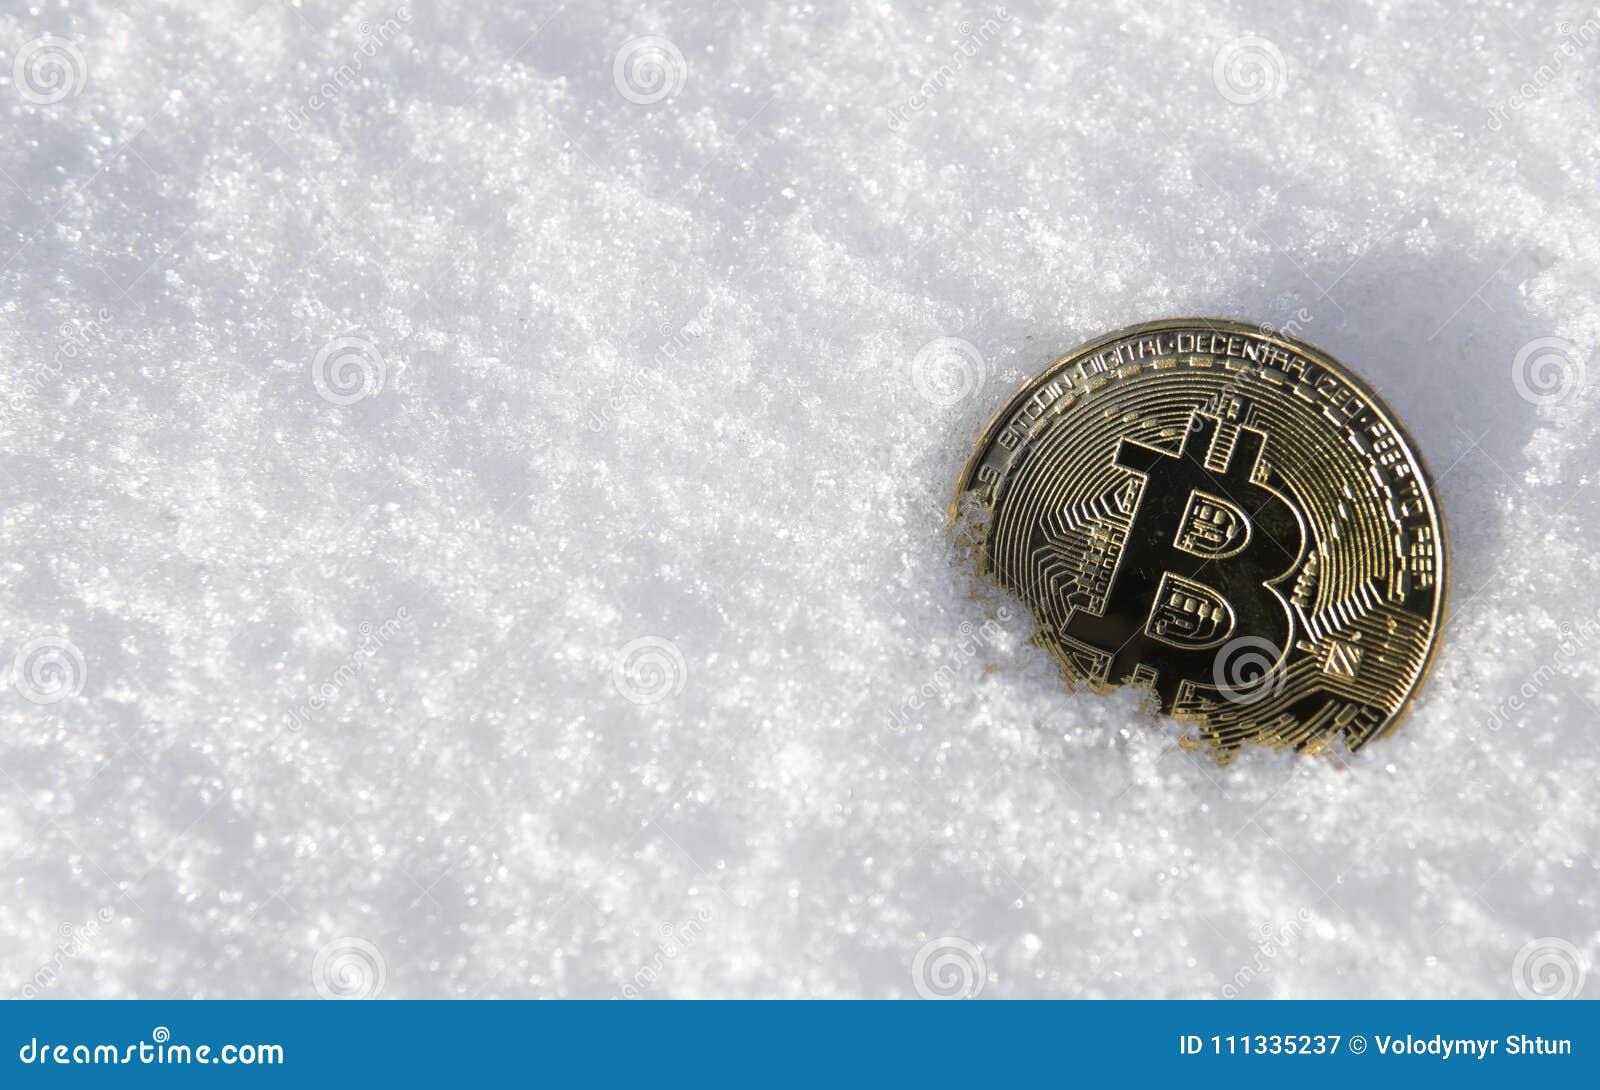 bitcoin trading frozen)